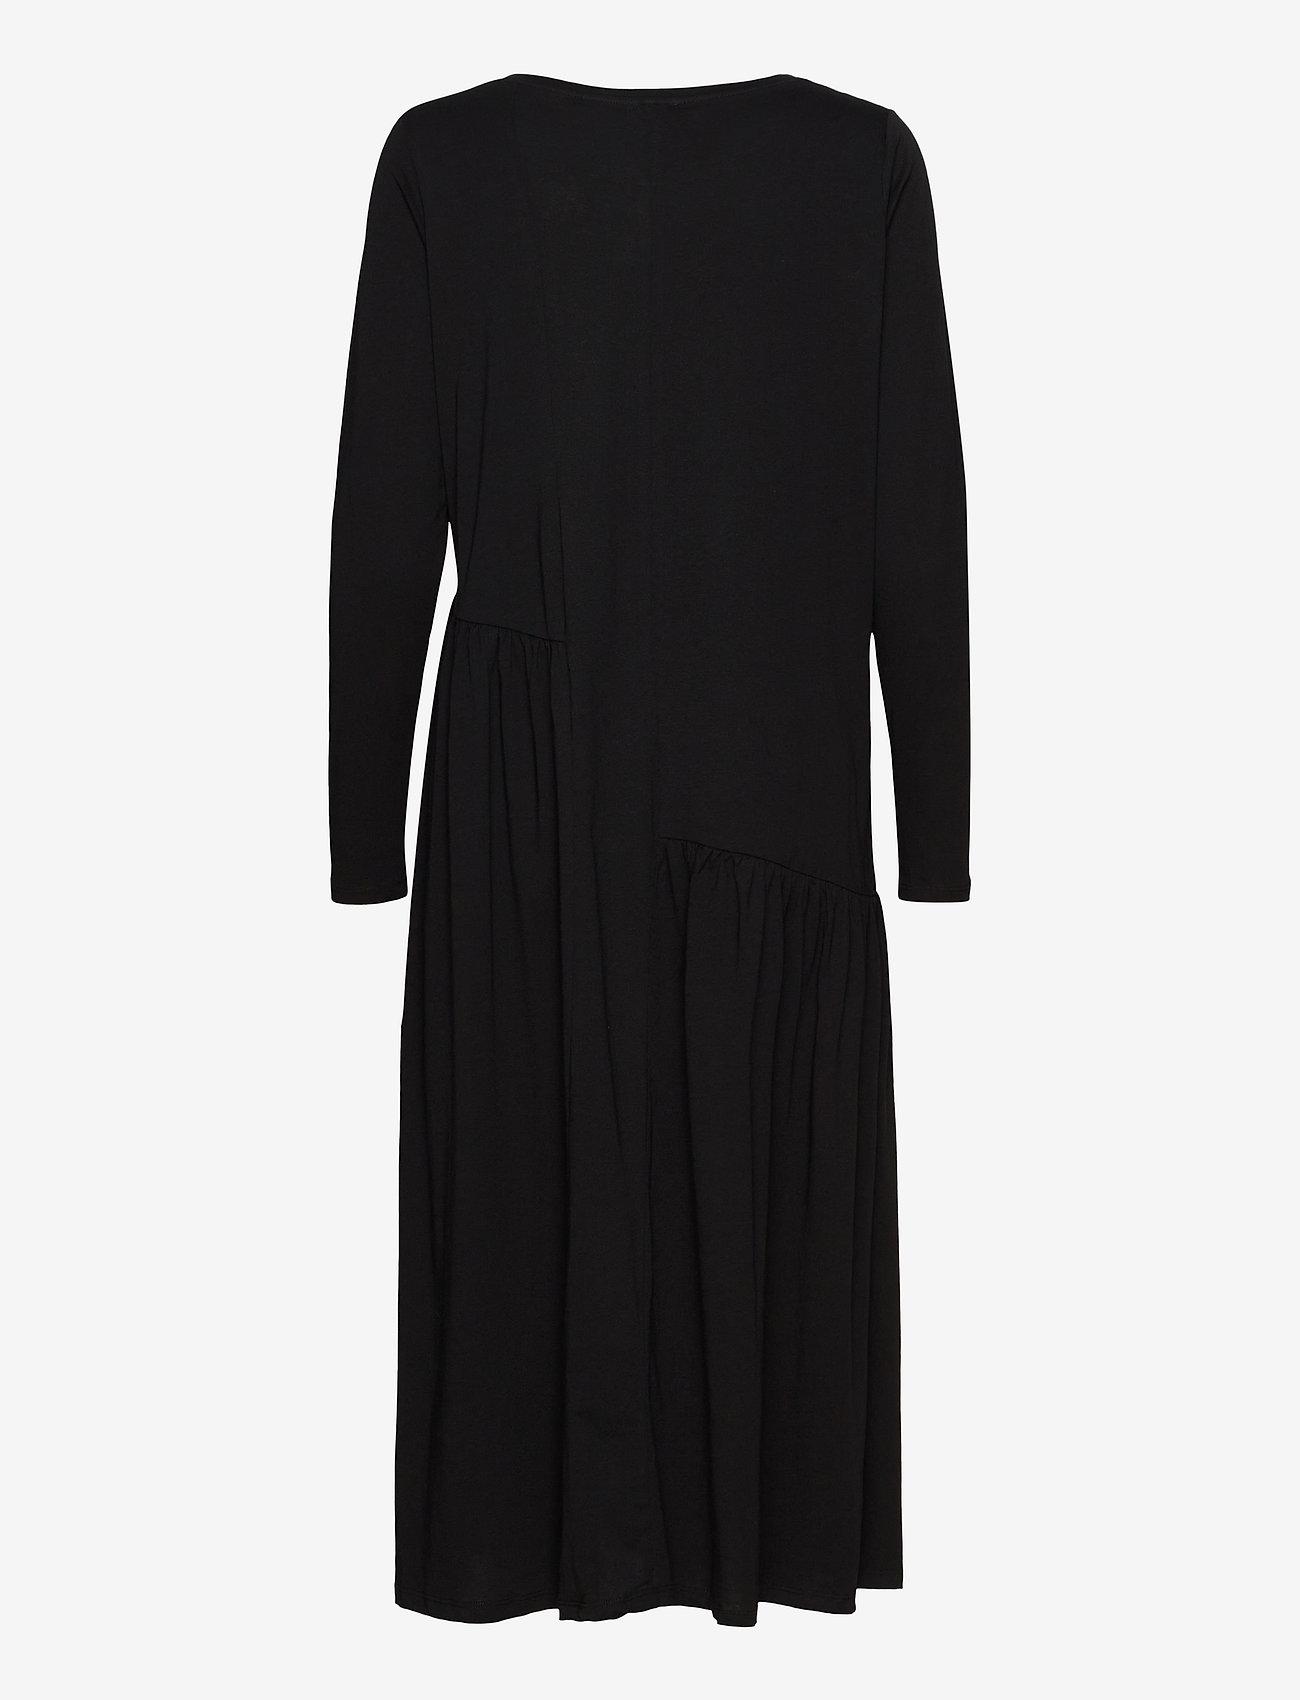 Hermioneln Dress Bci (Pitch Black) (79.95 €) - Lounge Nine IRJxEycF